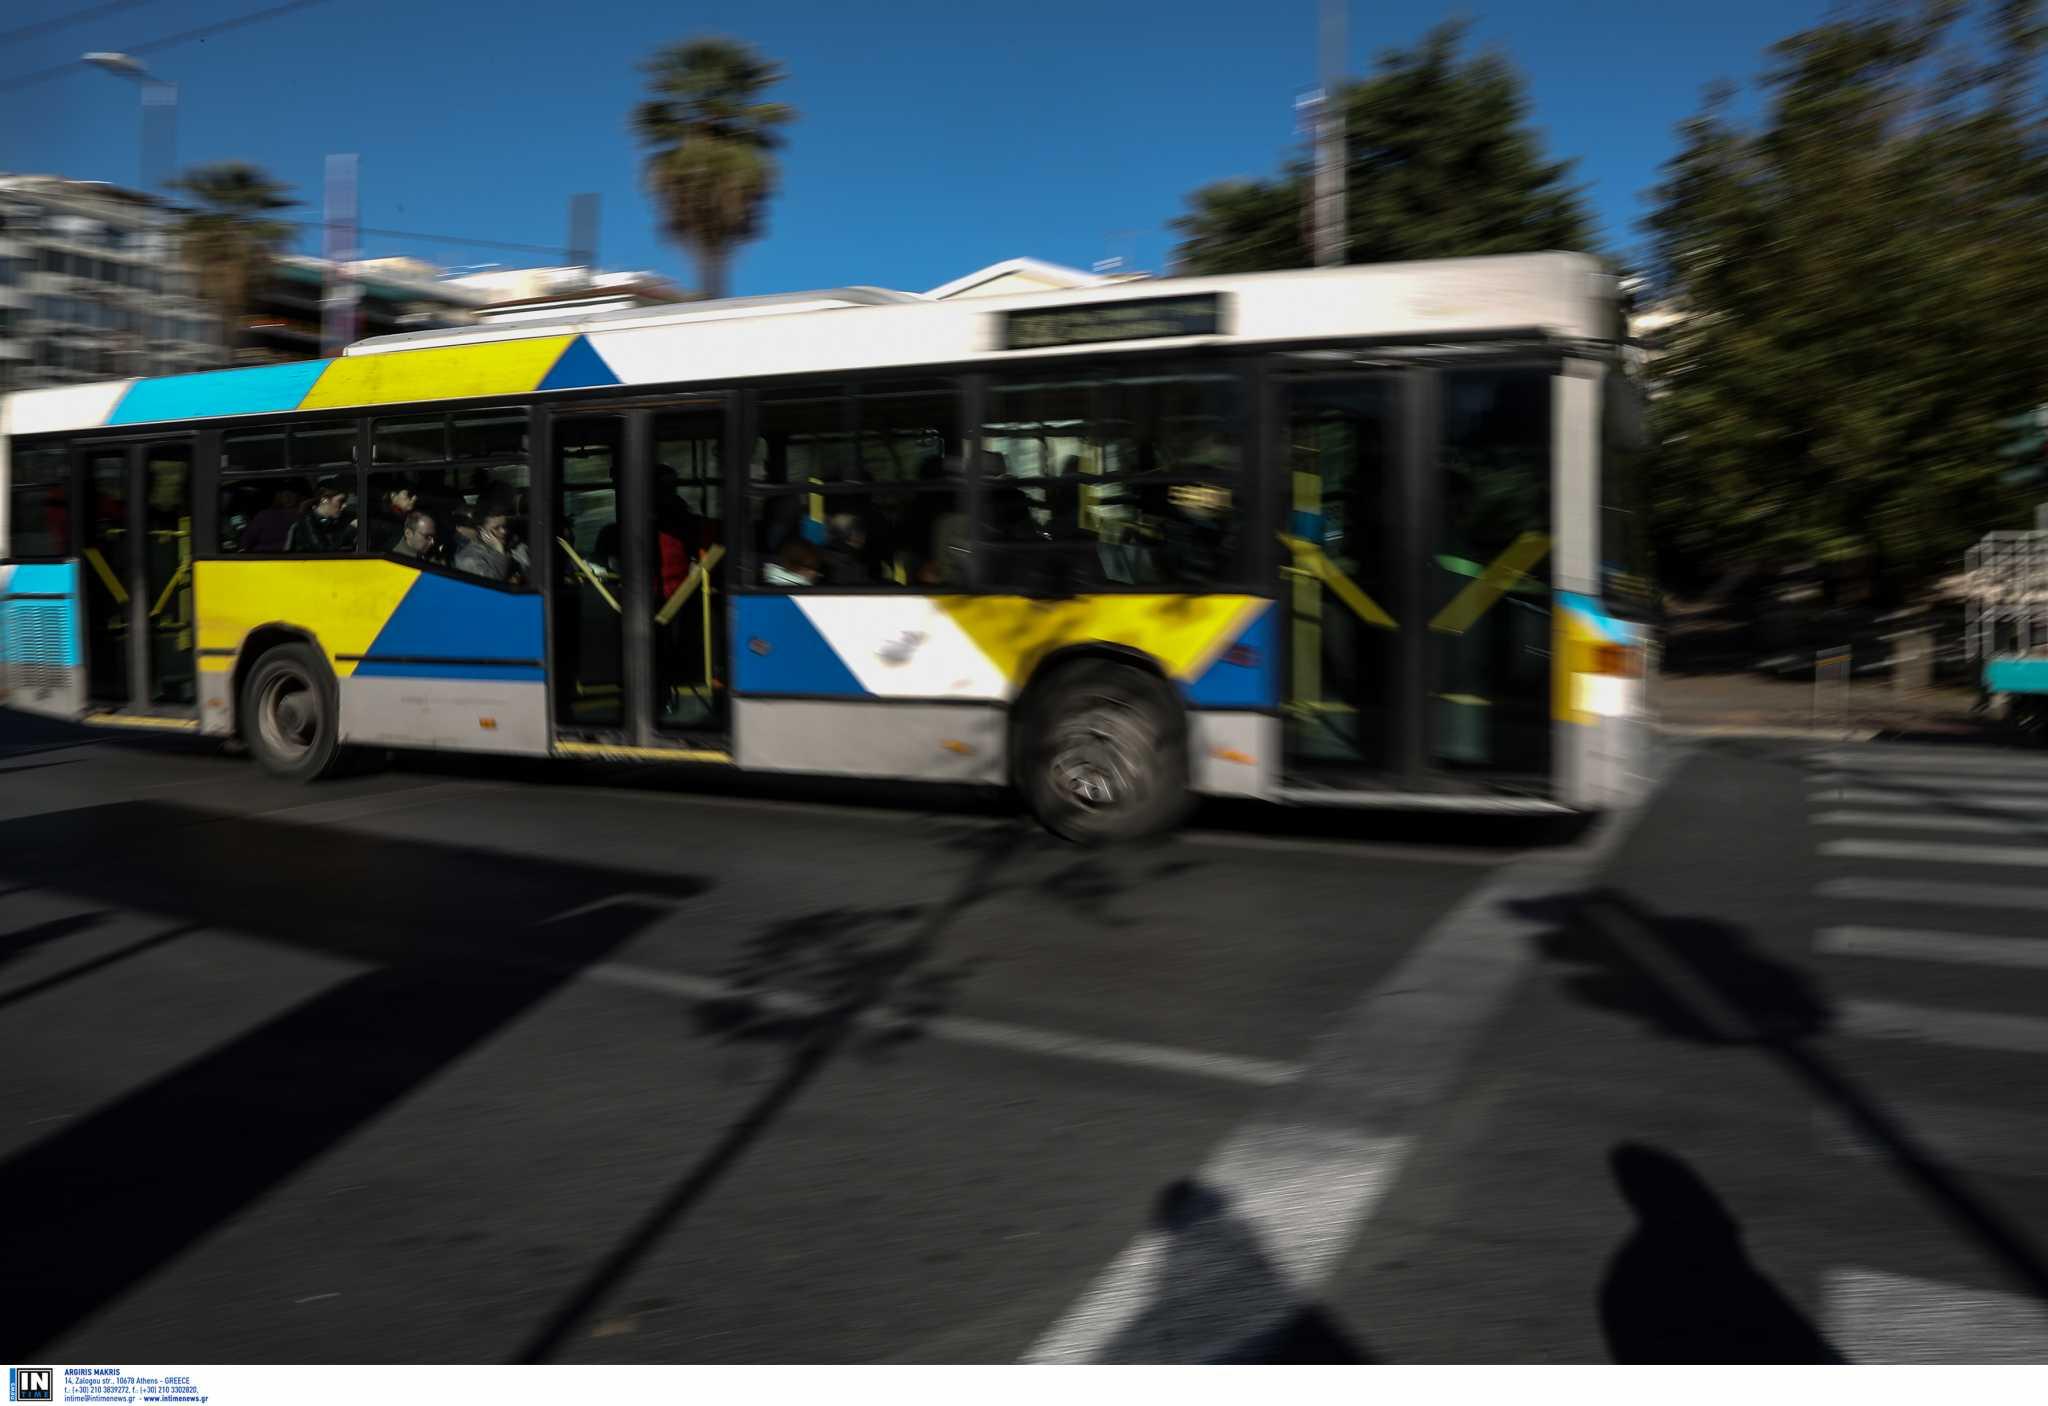 Άγριος ξυλοδαρμός οδηγού λεωφορείου στο Ελληνικό – Τον λήστεψαν κι εξαφανίστηκαν